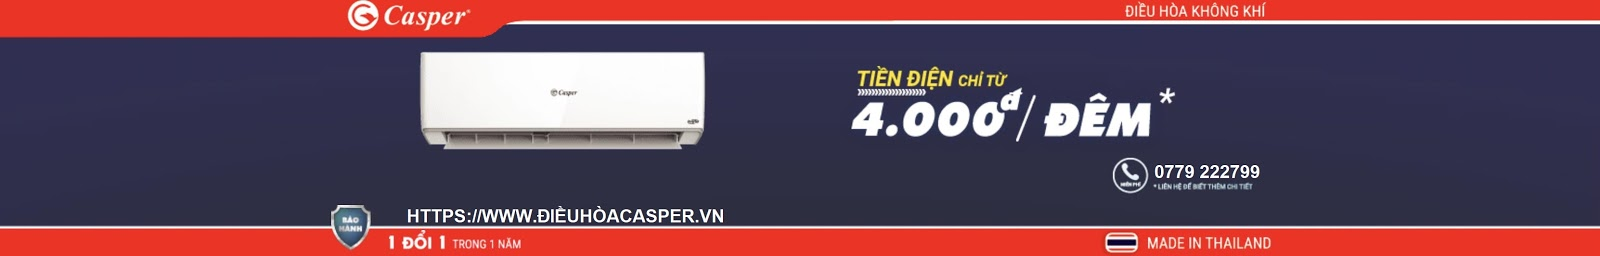 ĐIỀU HÒA CASPER 2021 TIẾT KIỆM ĐIỆN 85% CHỈ 4.000đ / 1 ĐÊM